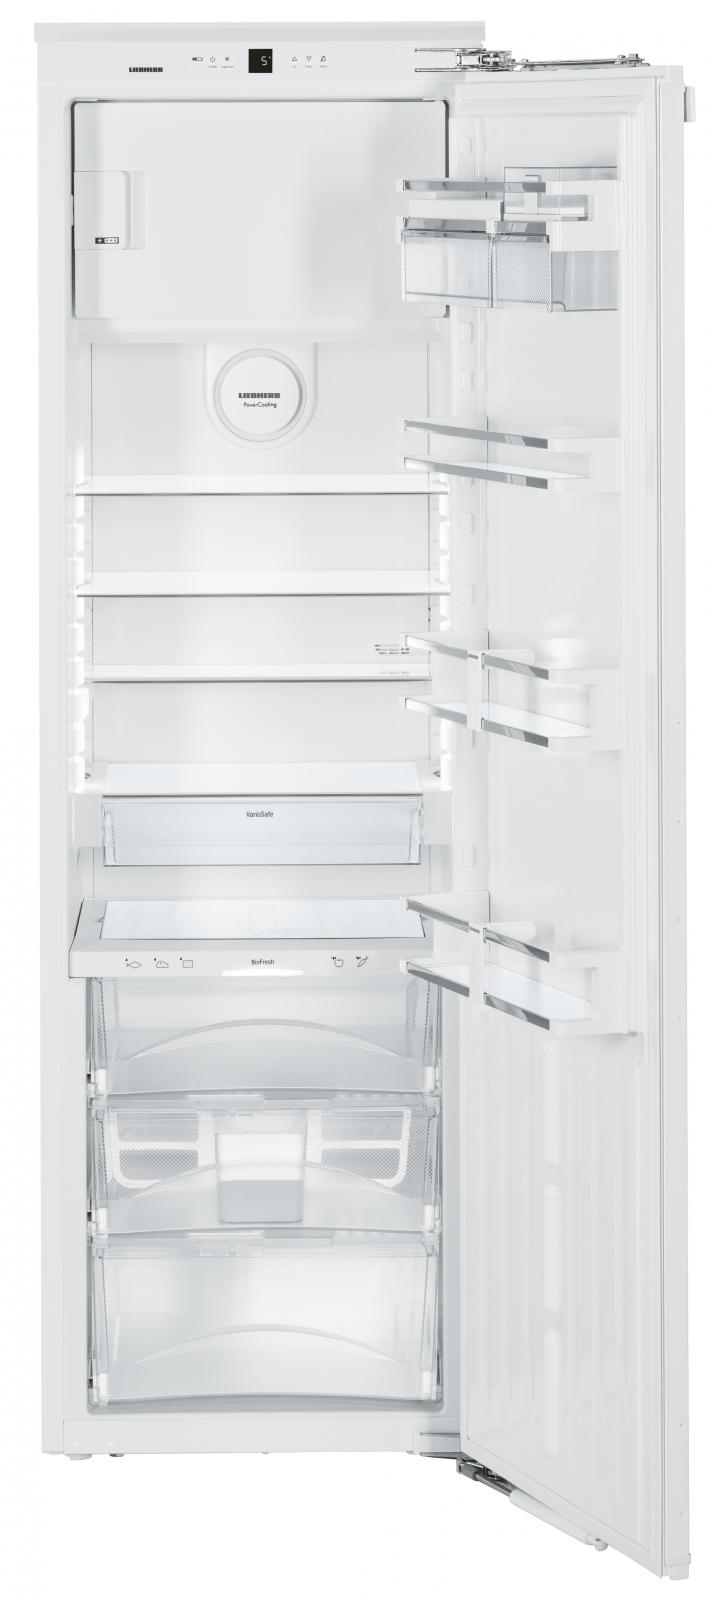 купить Встраиваемый однокамерный холодильник Liebherr IKB 3564 Украина фото 3